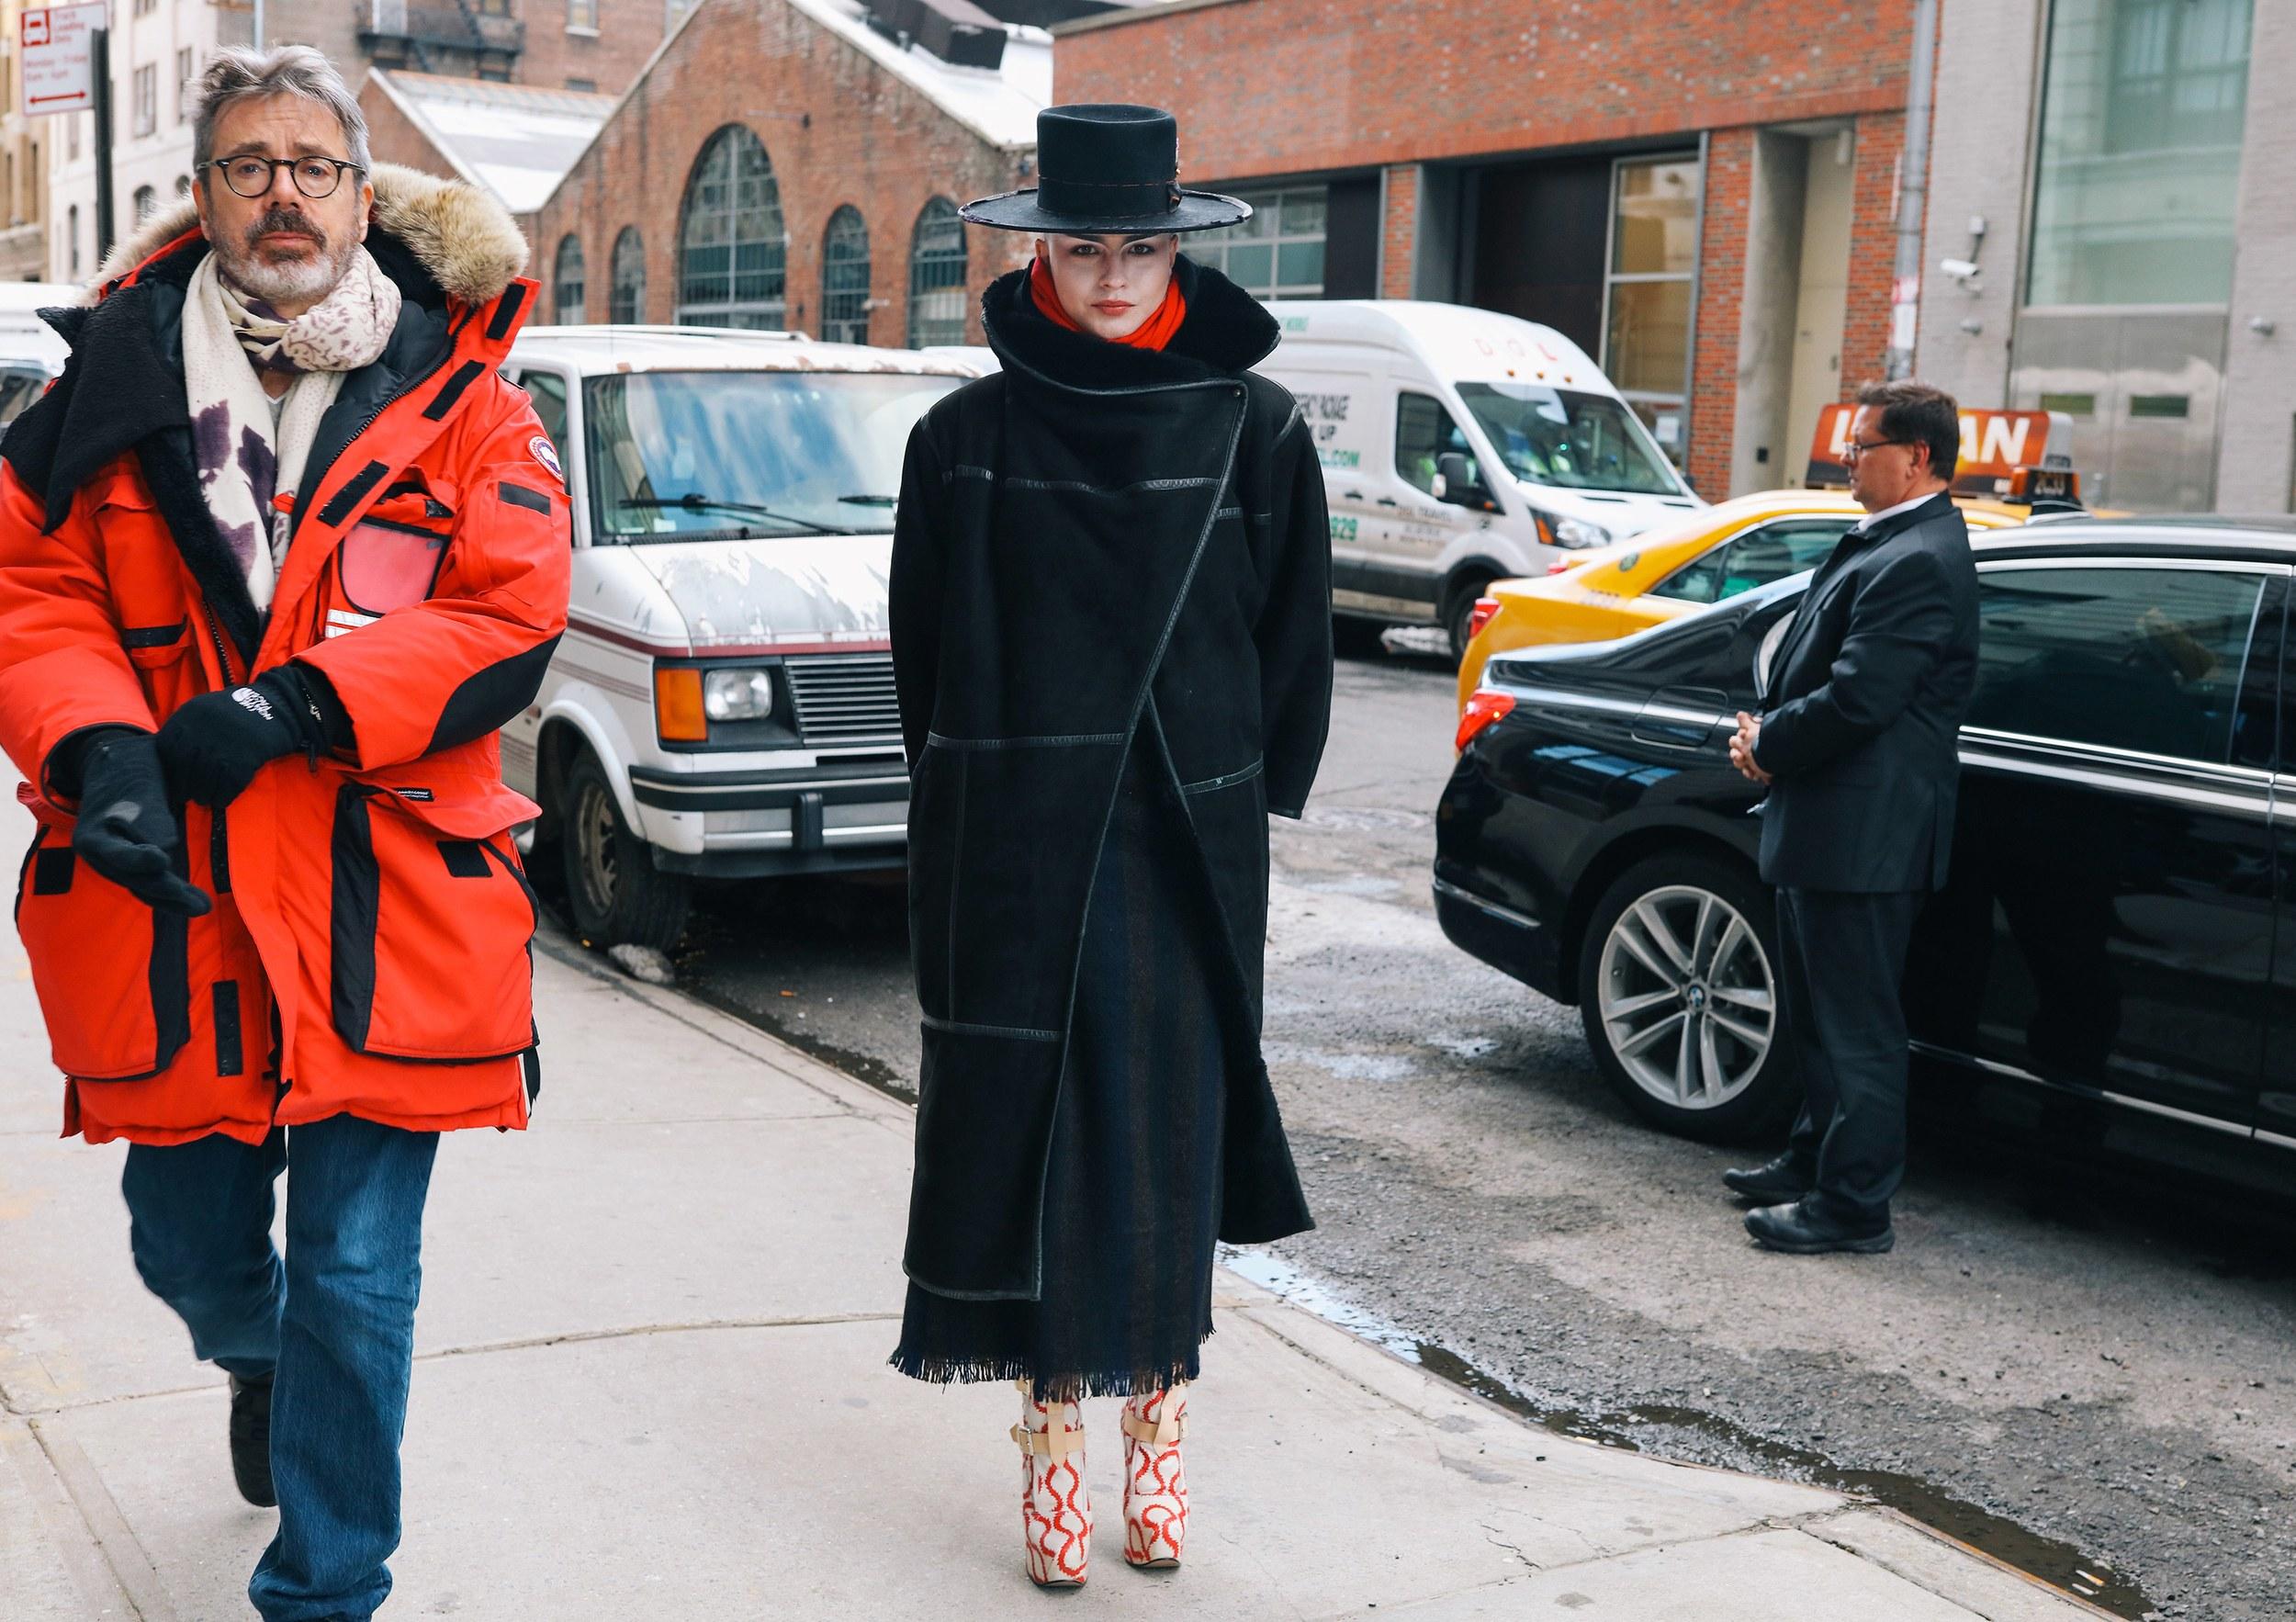 Chiêm ngưỡng đặc sản street style đẹp khó rời mắt tại Tuần lễ thời trang New York - Ảnh 24.